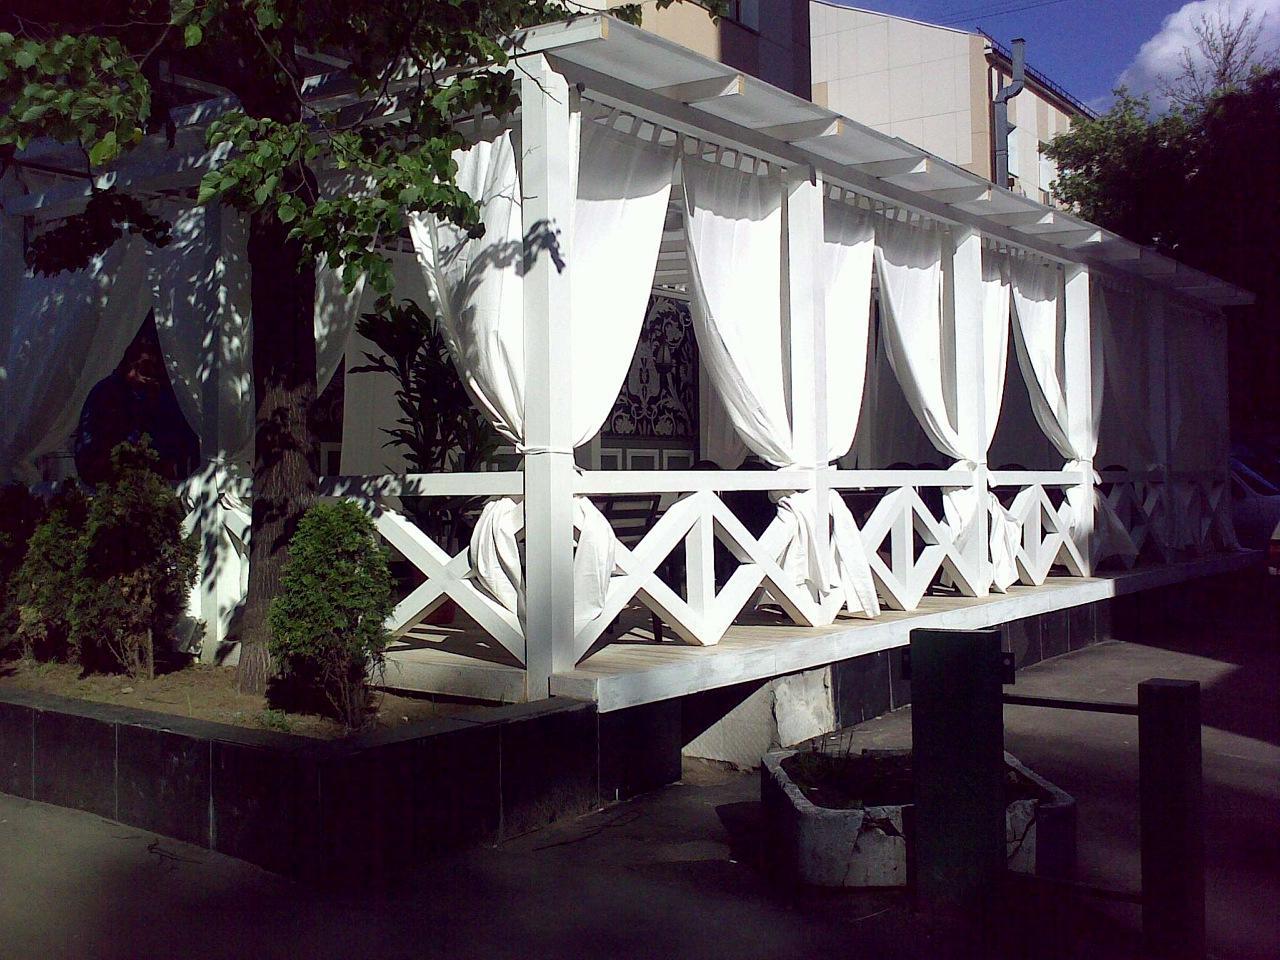 Ресторан Emporio Cafe (Эмпорио Кафе) фото 57